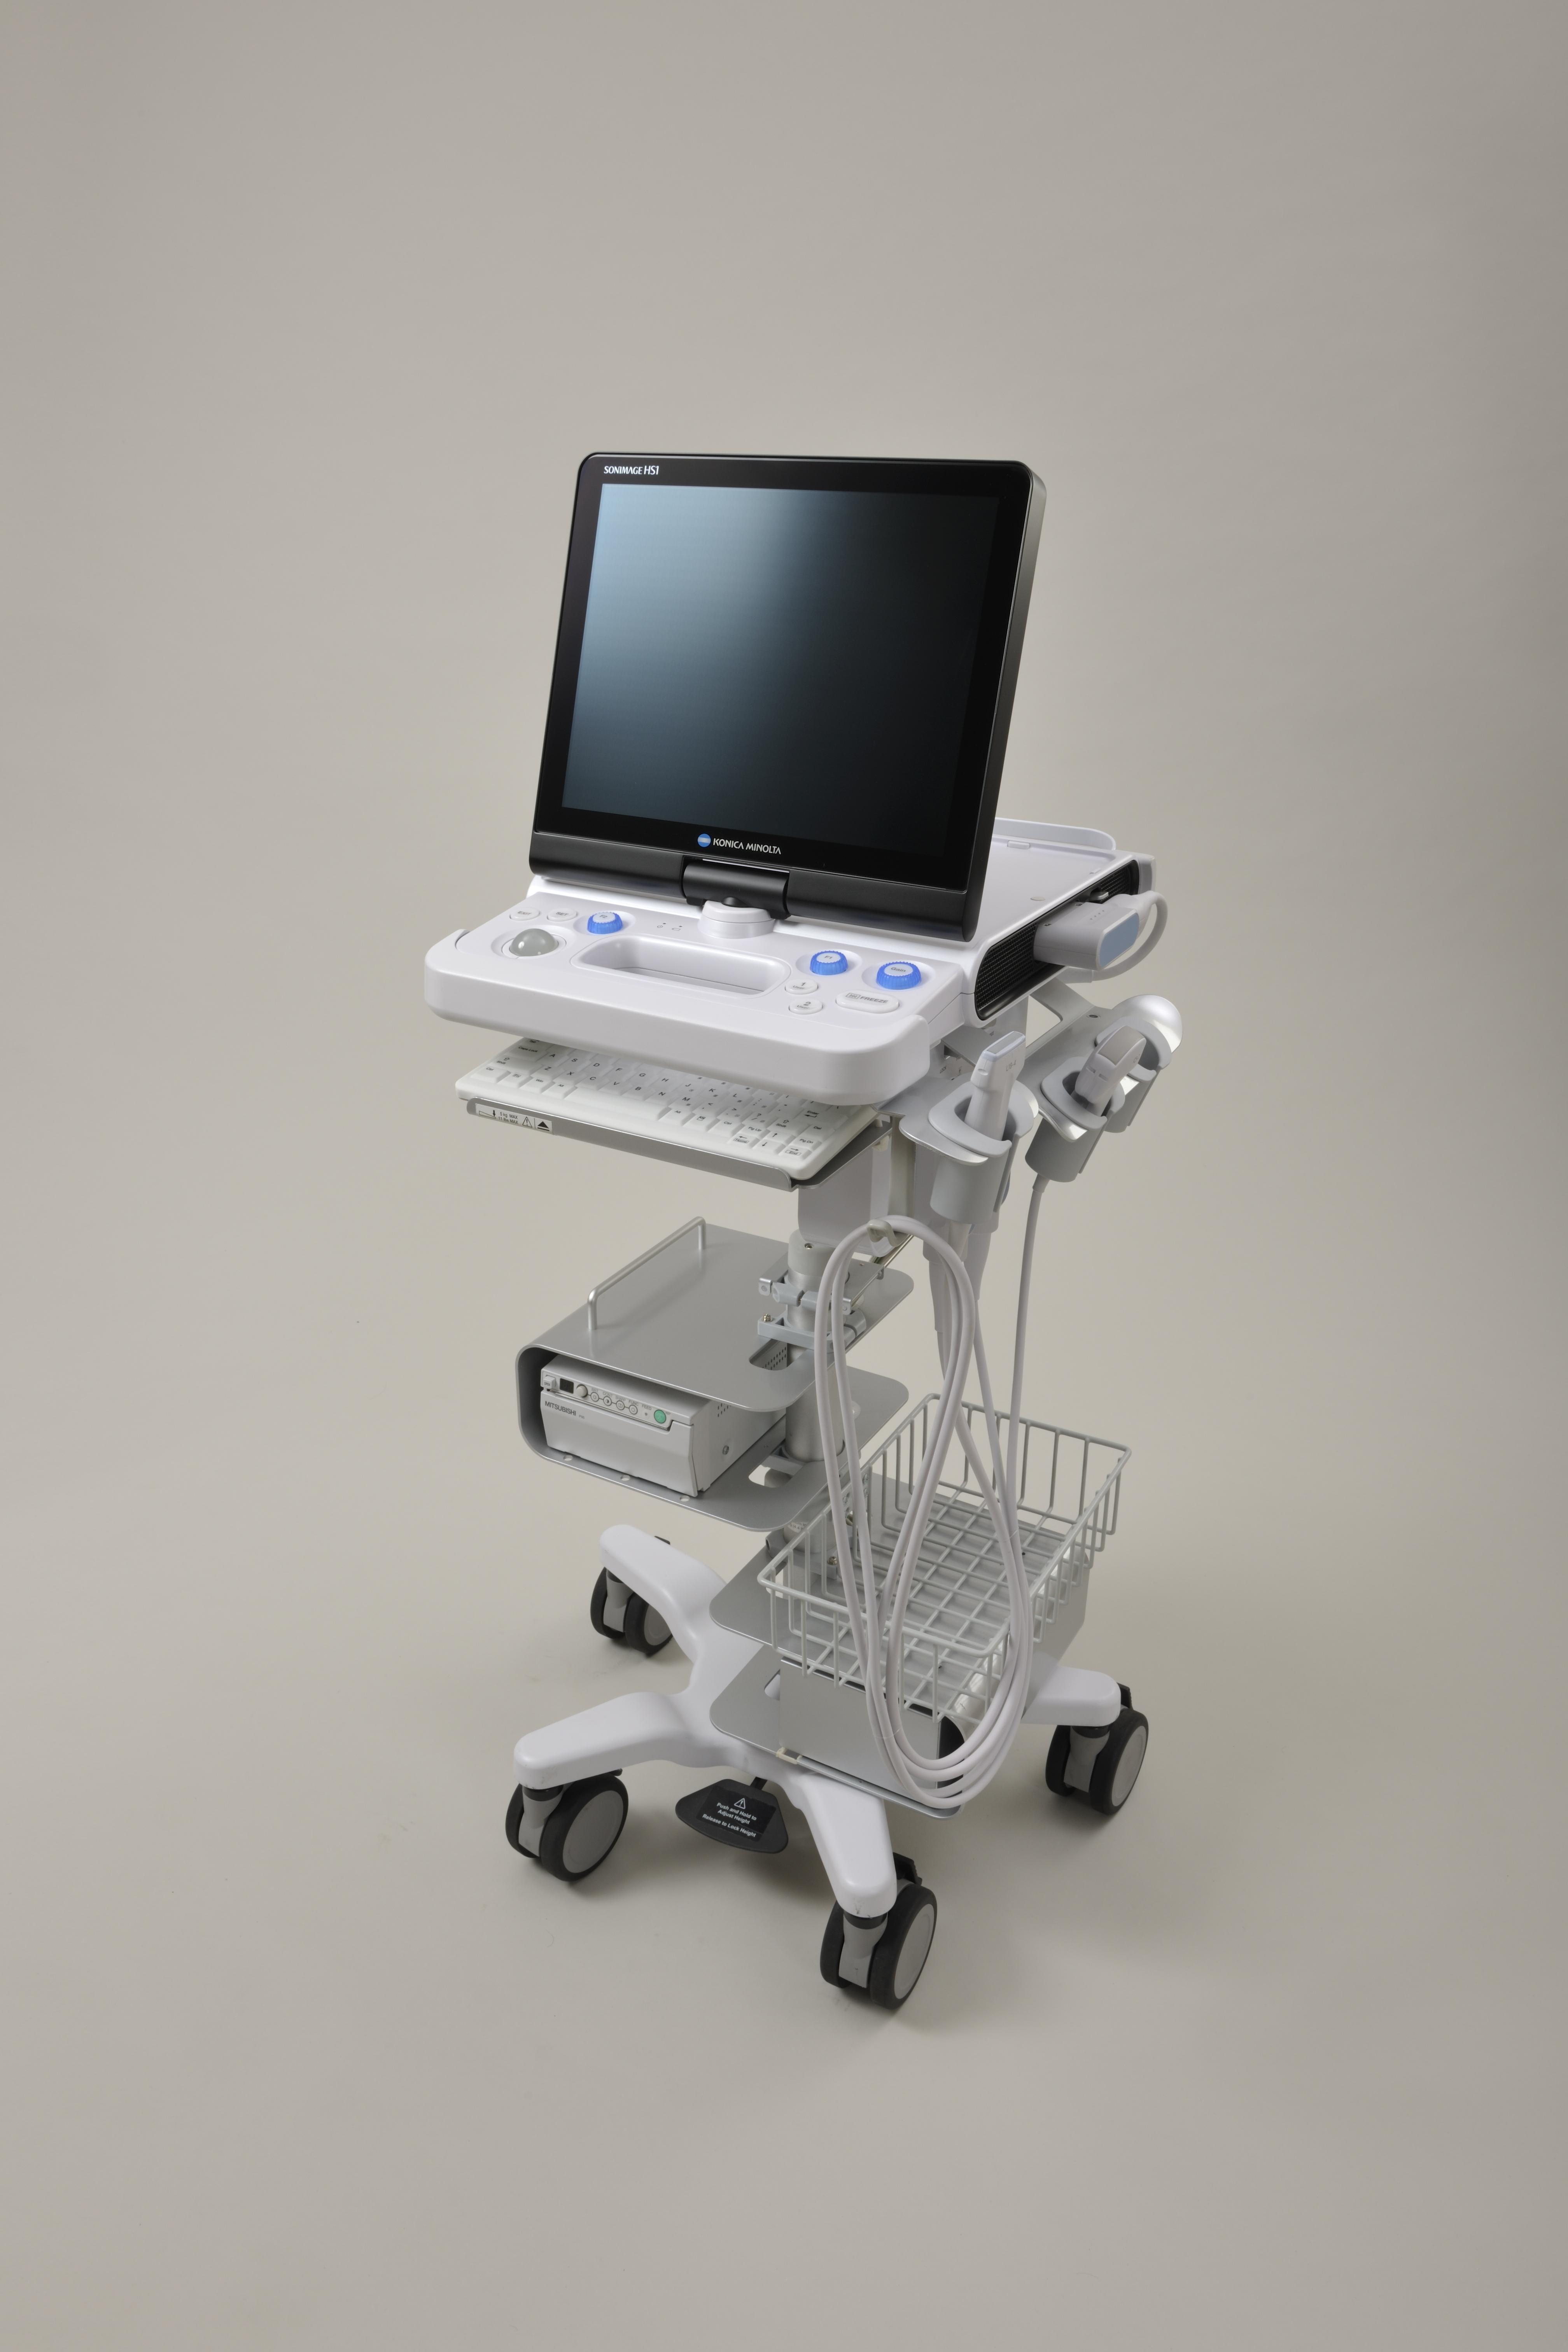 超音波診断装置<br />SONIMAGE HS1 SNiBLE